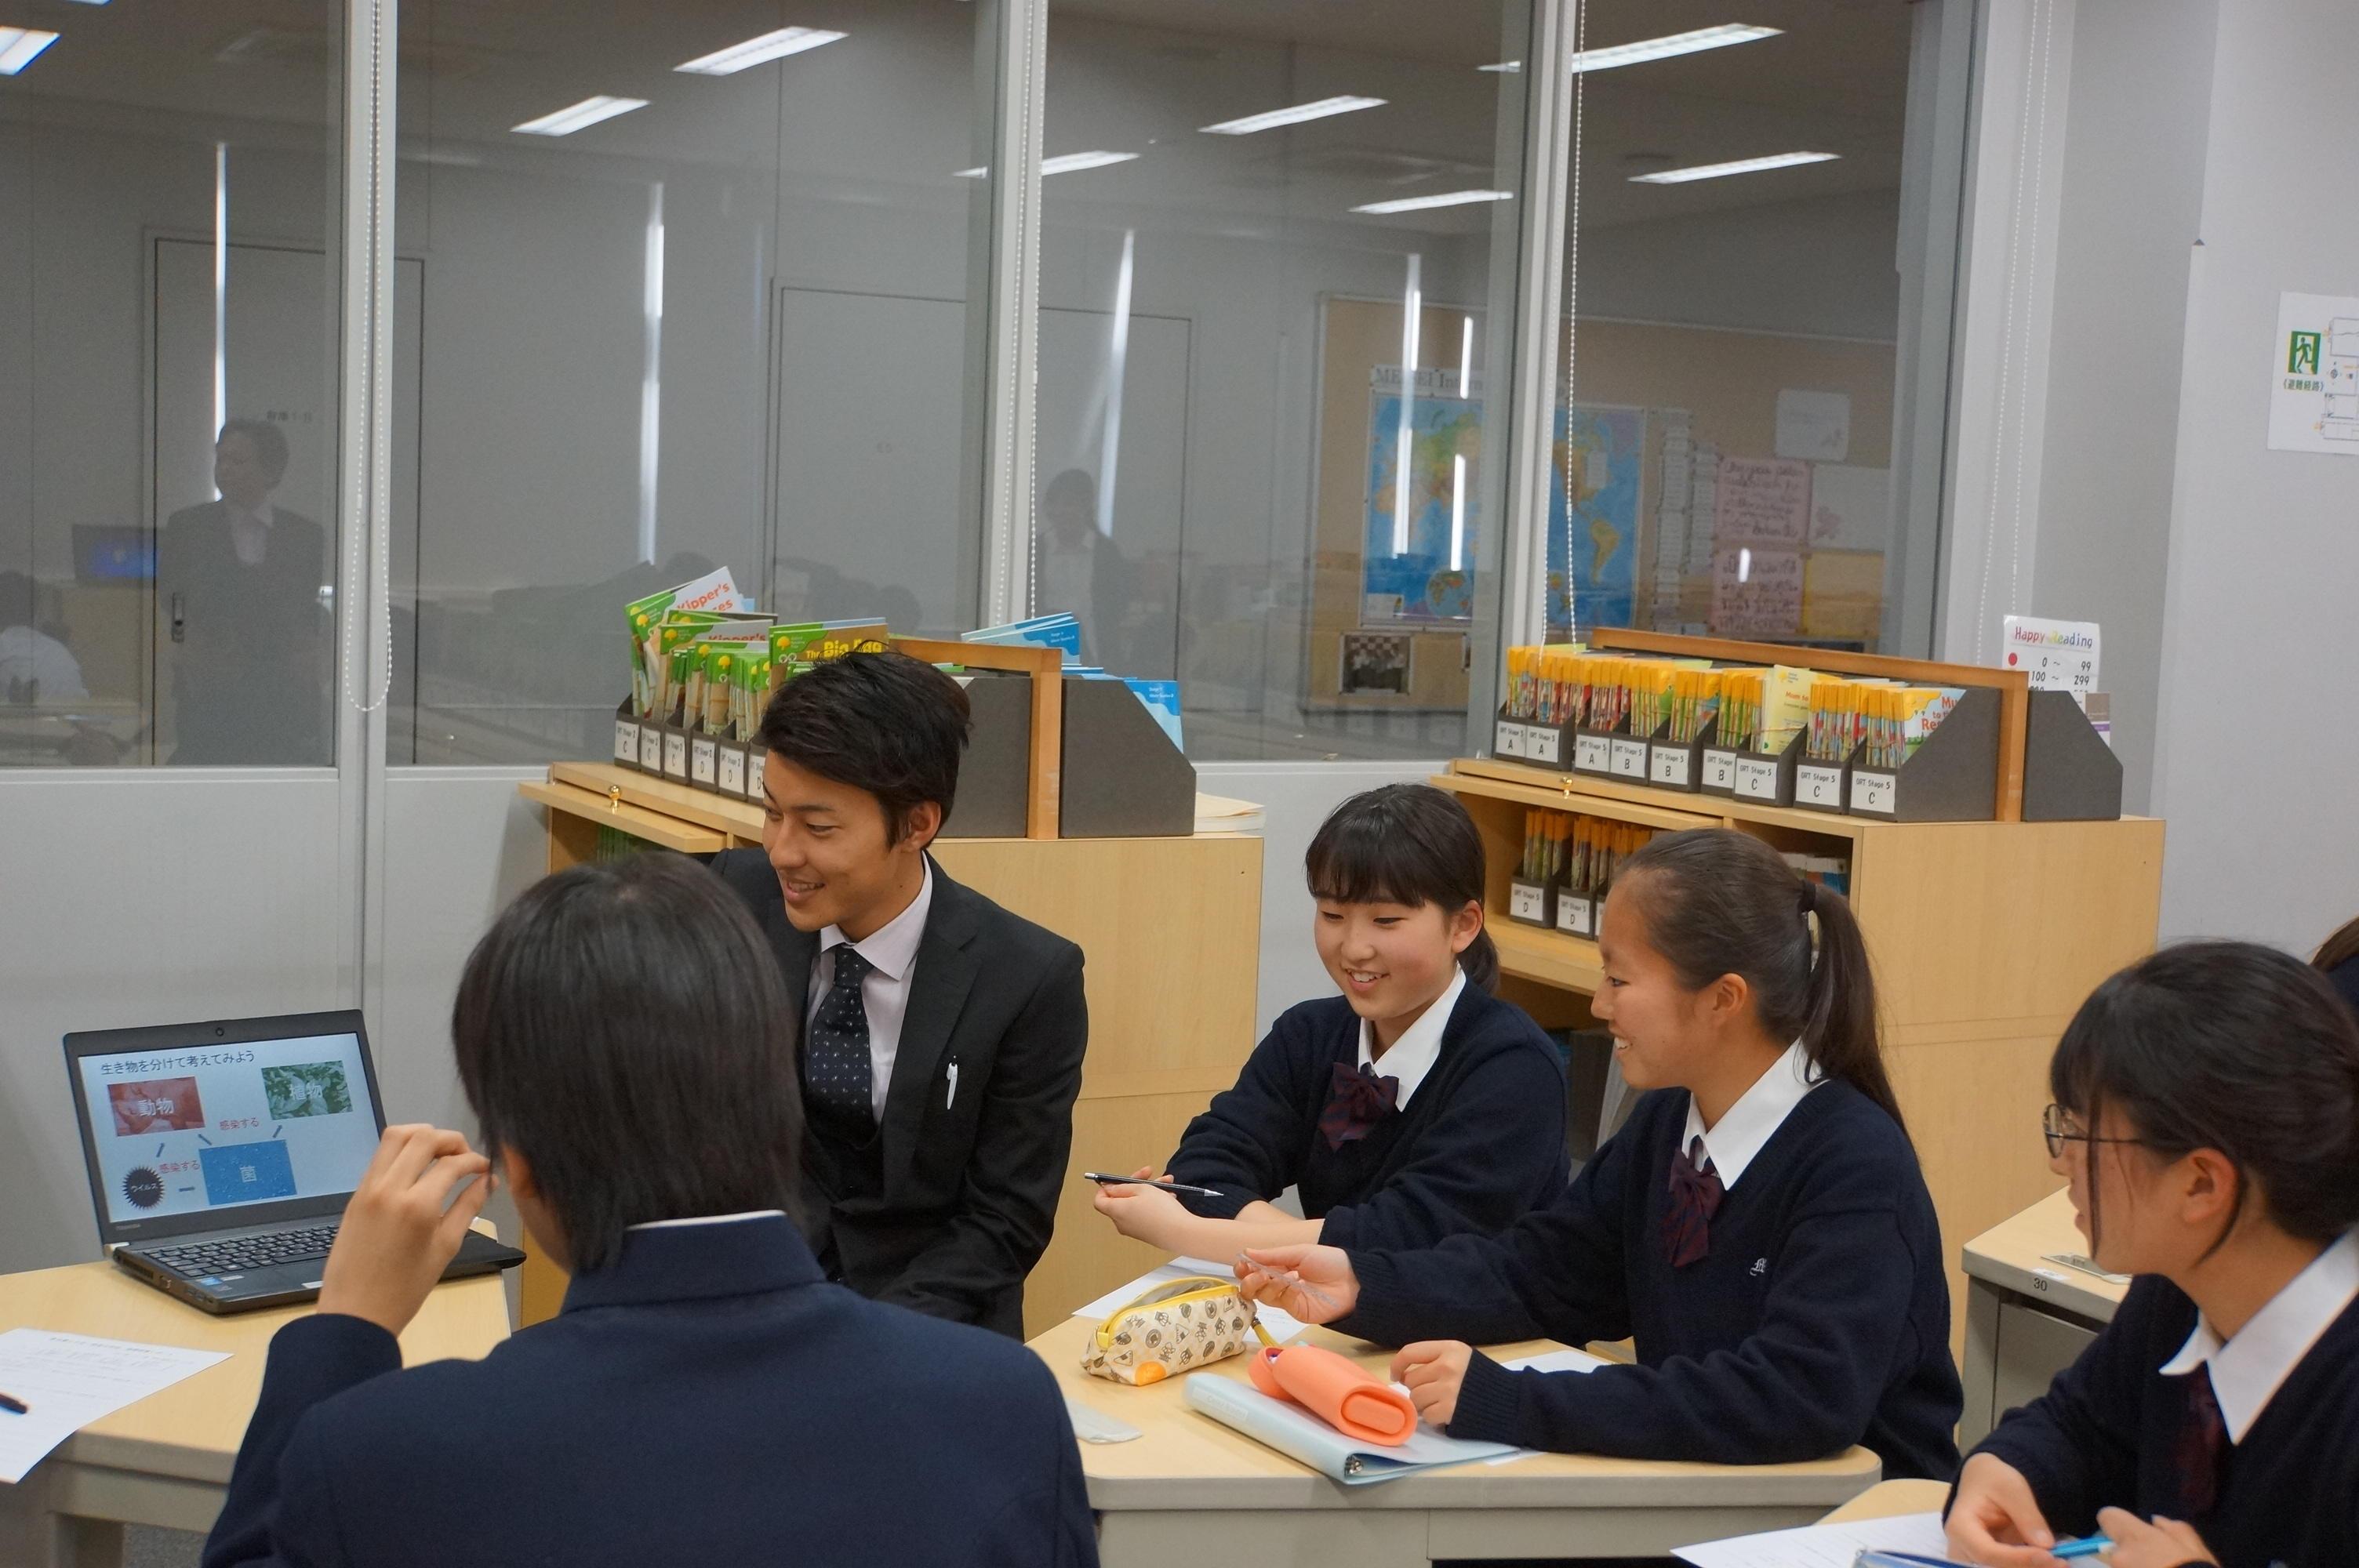 明星中学校と東京農工大学がキャリア教育の一環として連携授業を実施 ~大学4年生の卒論テーマを聞き、中学生が学びへの意識を高める -- 明星中学校・高等学校